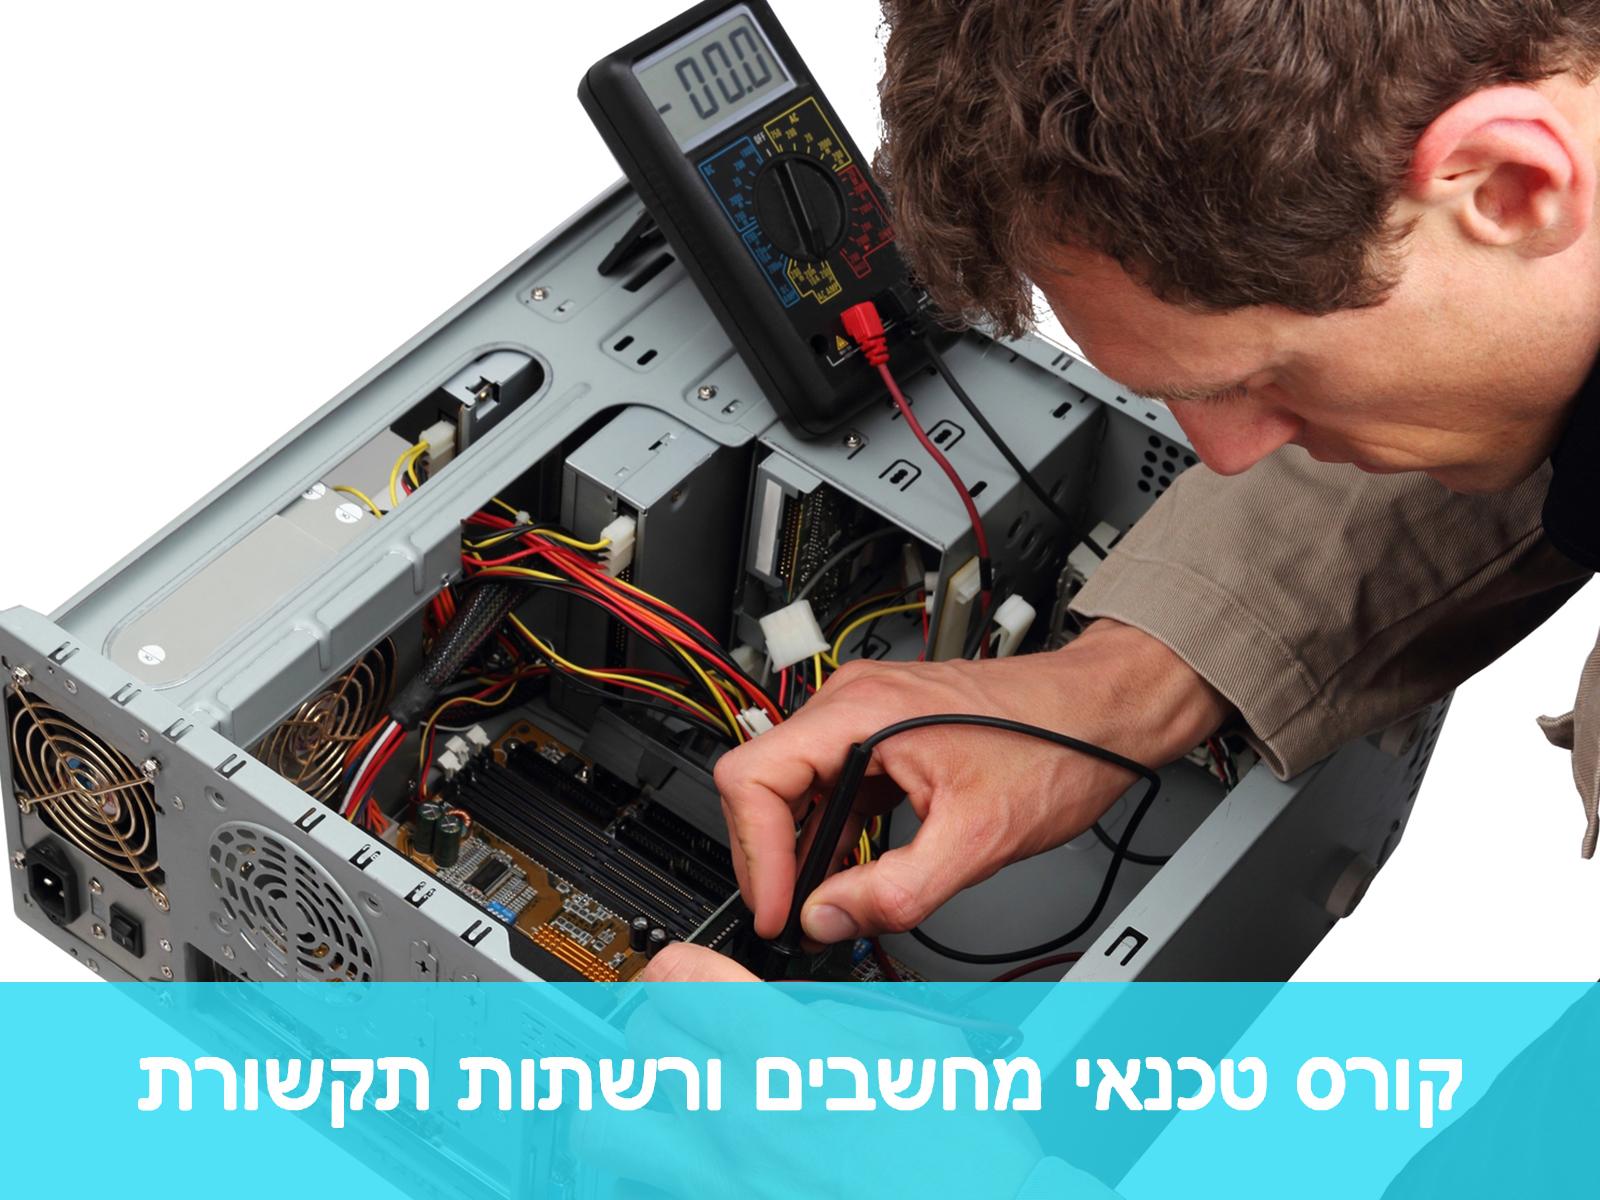 קורס טכנאי מחשבים ורשתות